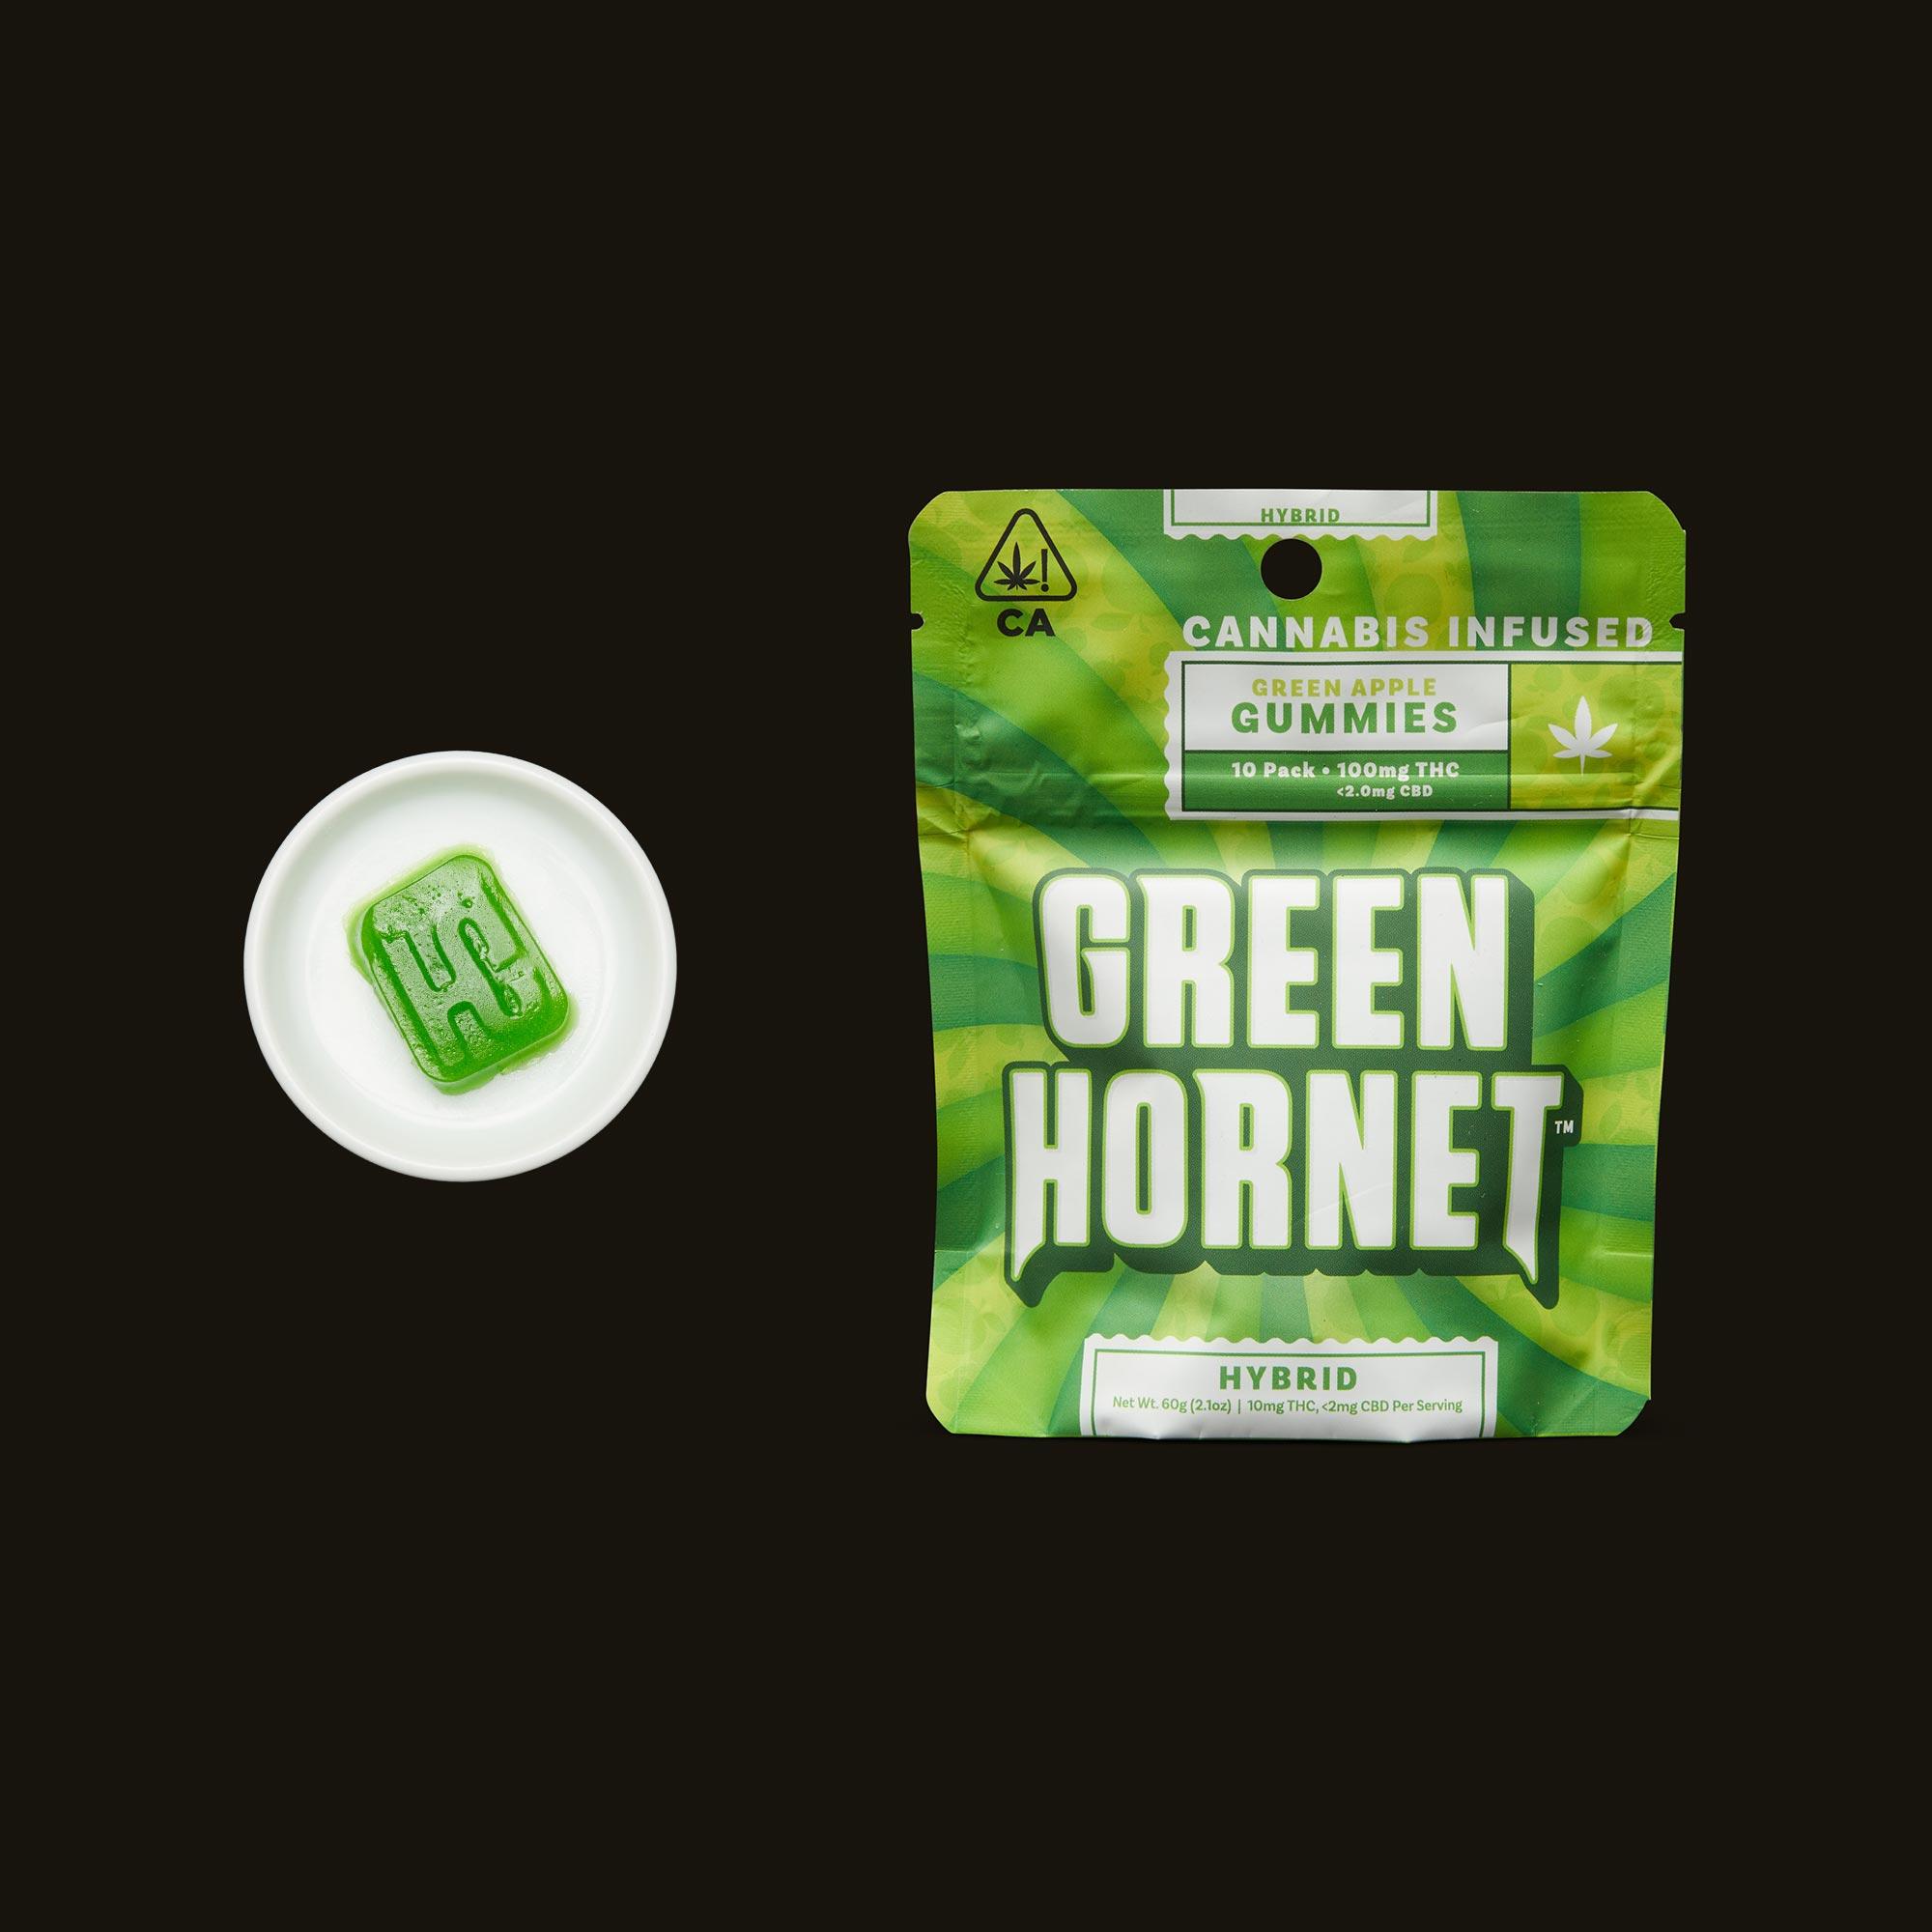 Green Hornet Hybrid Green Apple Gummies